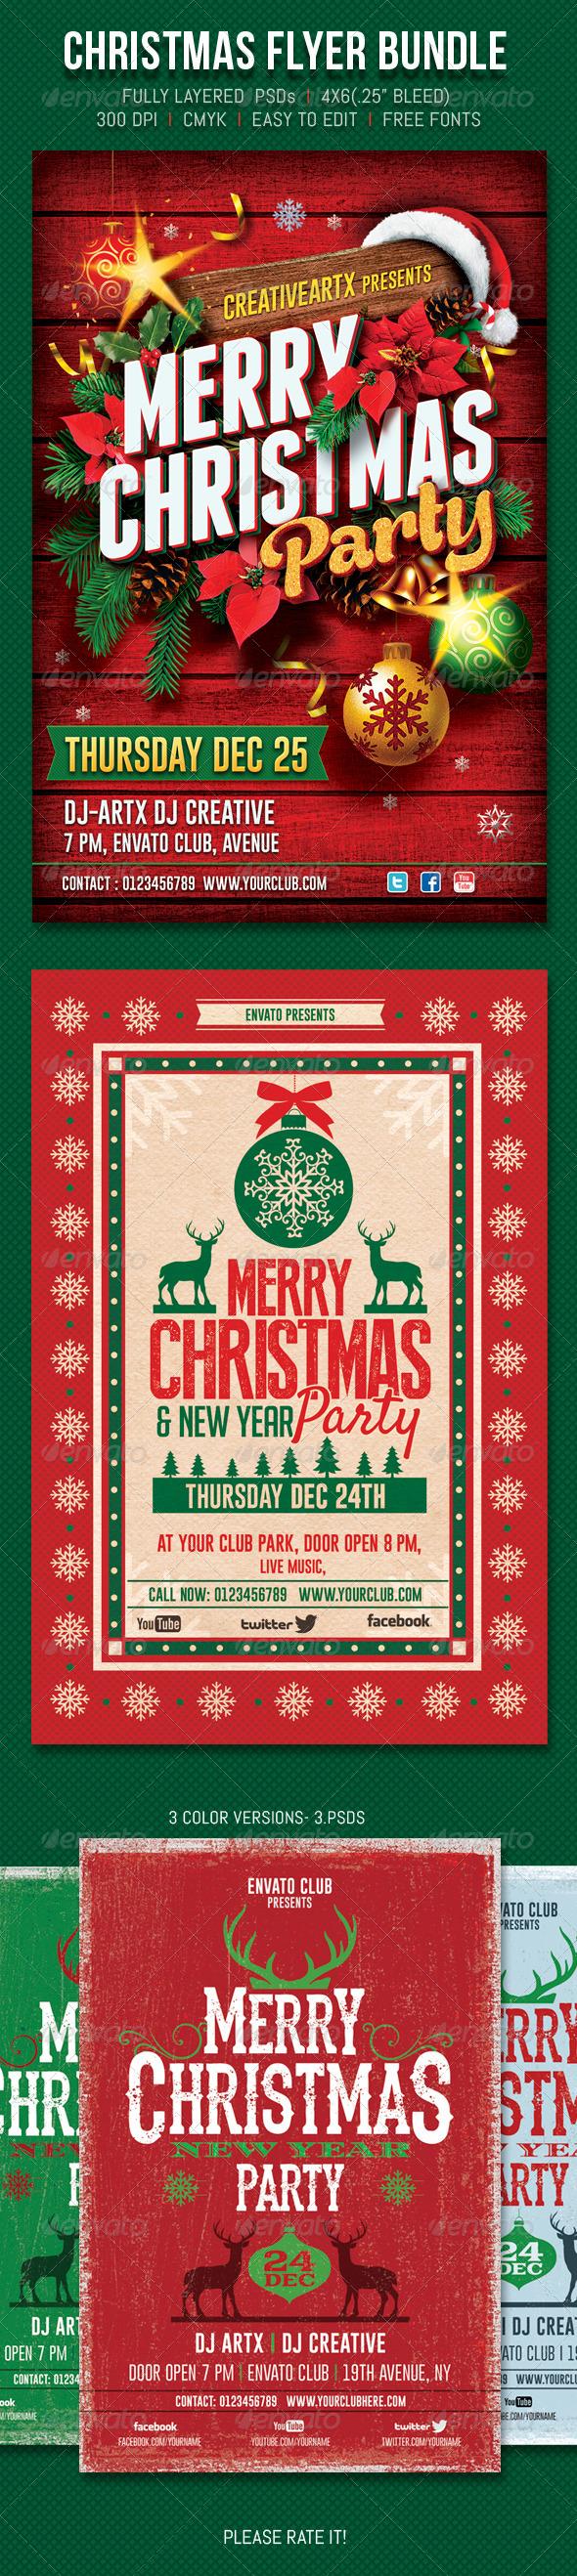 GraphicRiver Christmas Flyer Bundle 6293630